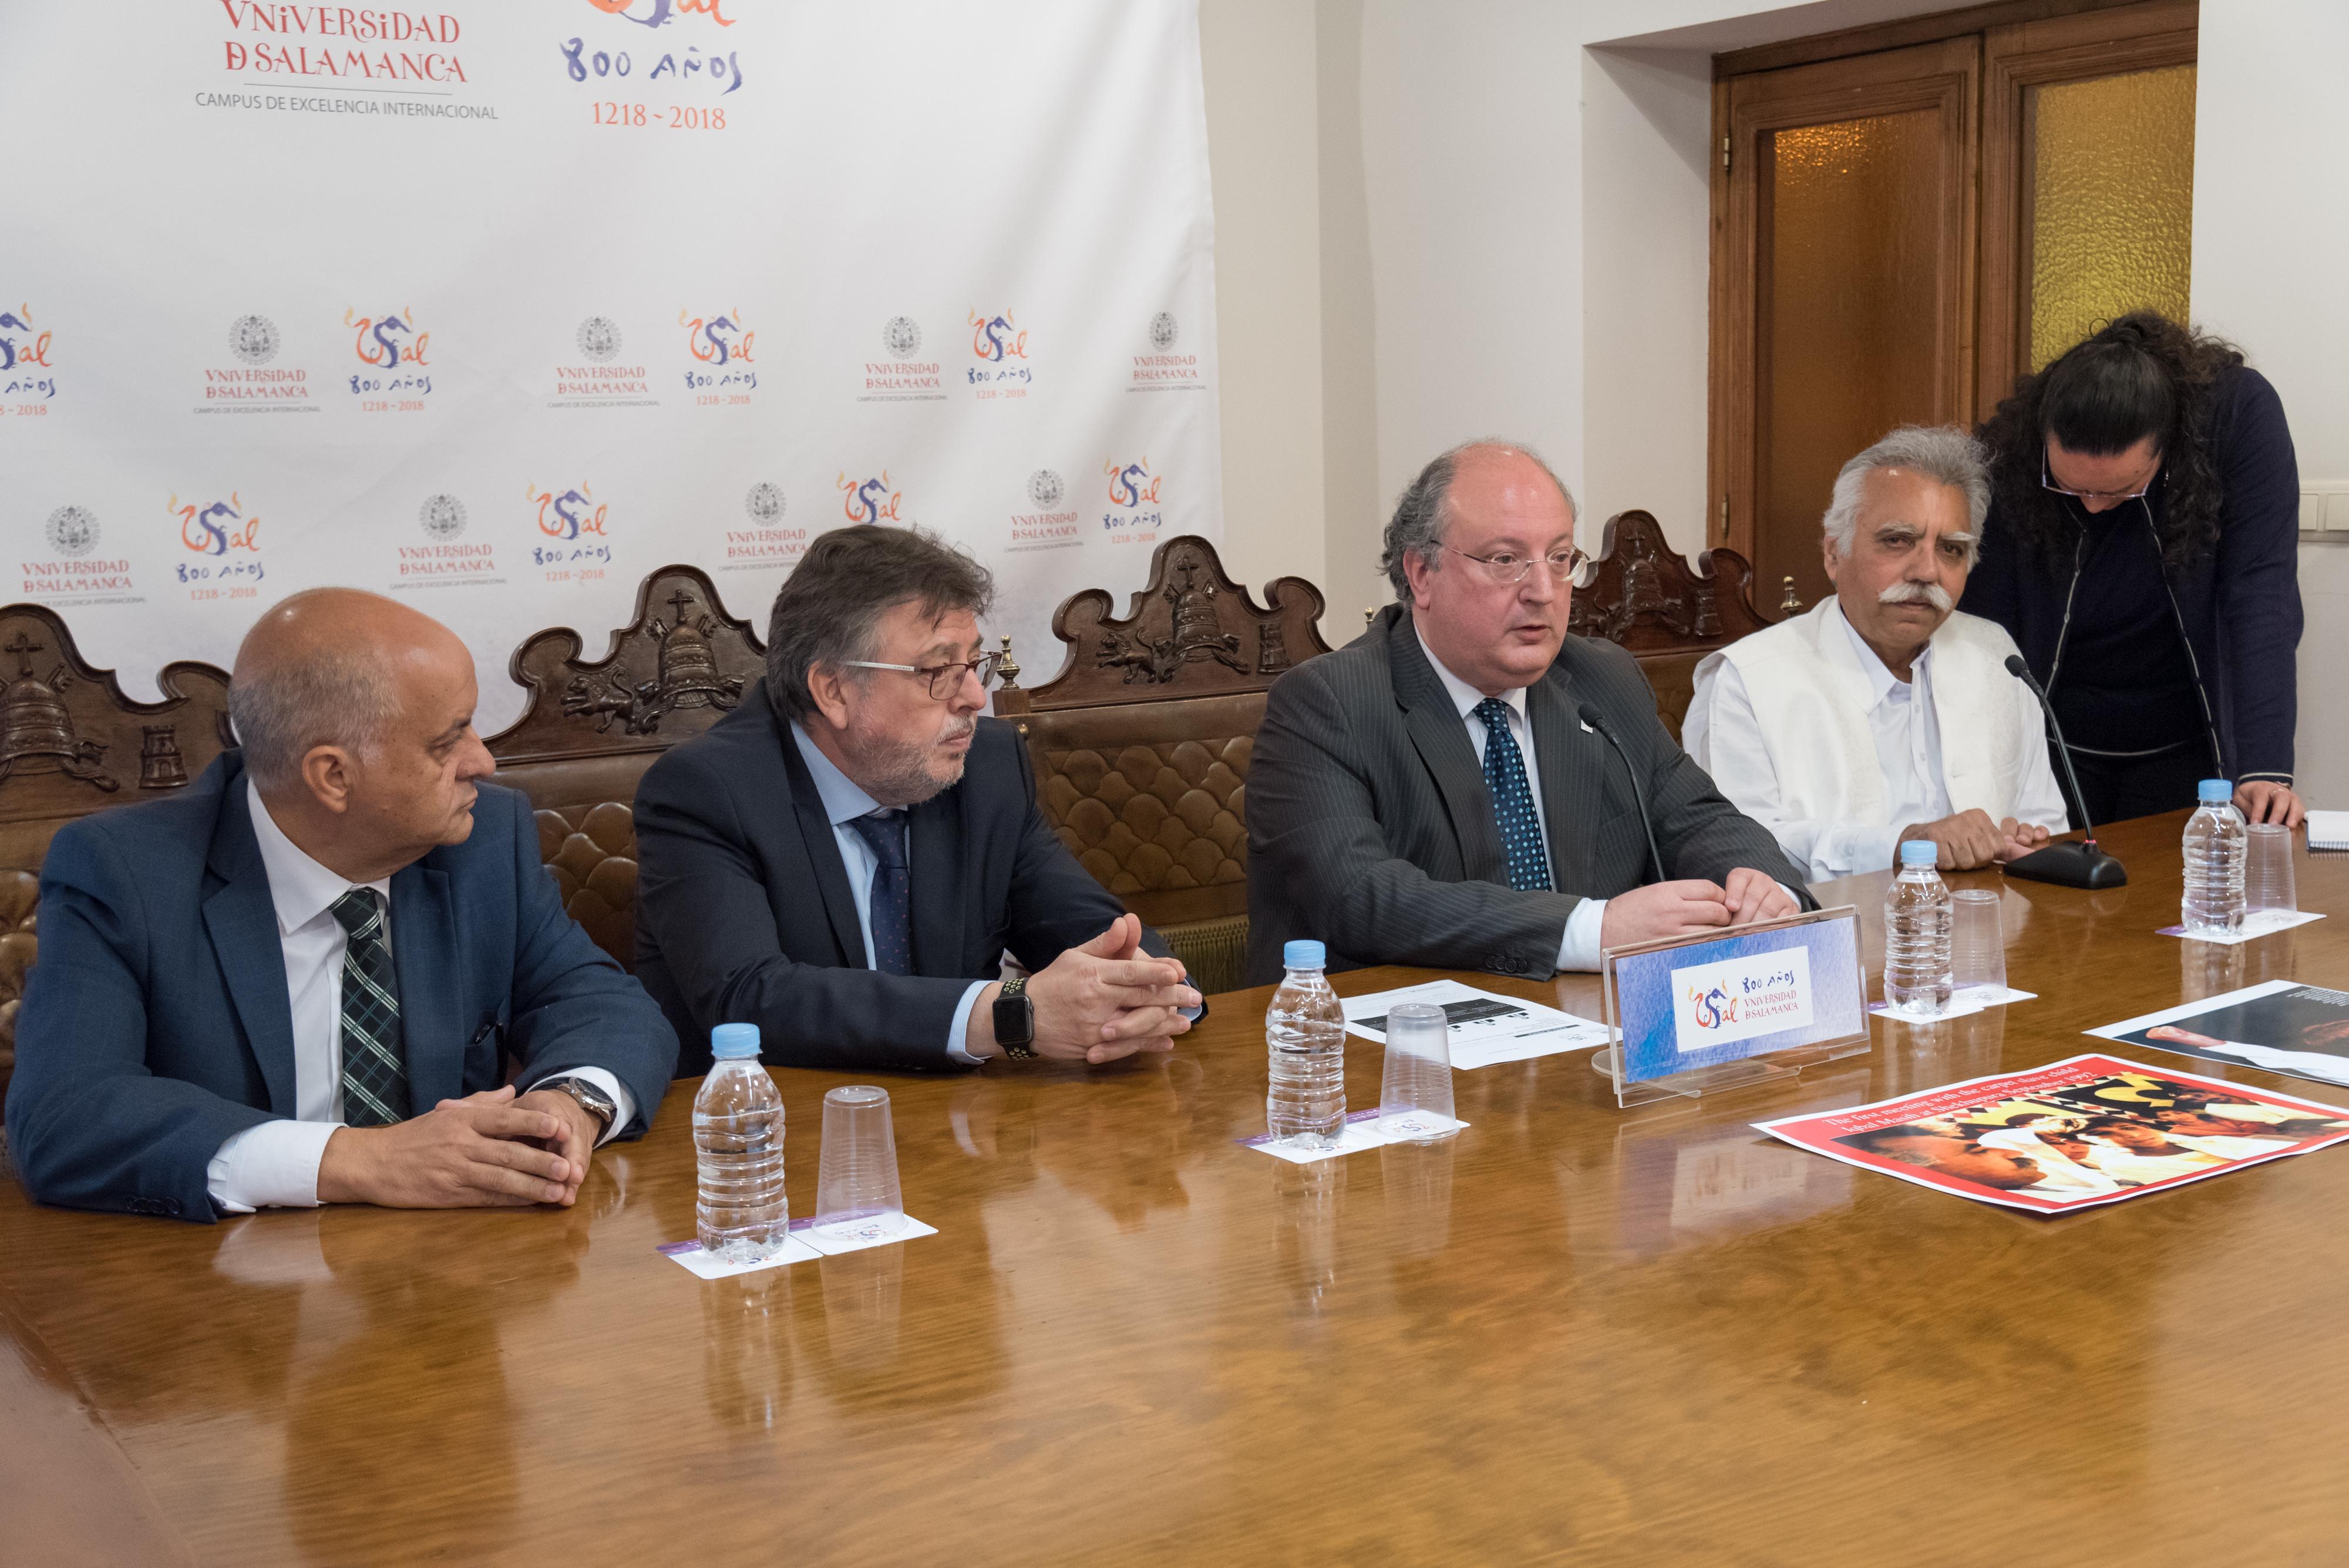 El activista pakistaní Muhammad Ehsan Ullah Khan visita la Universidad de Salamanca con motivo del Día Mundial contra la Esclavitud Infantil